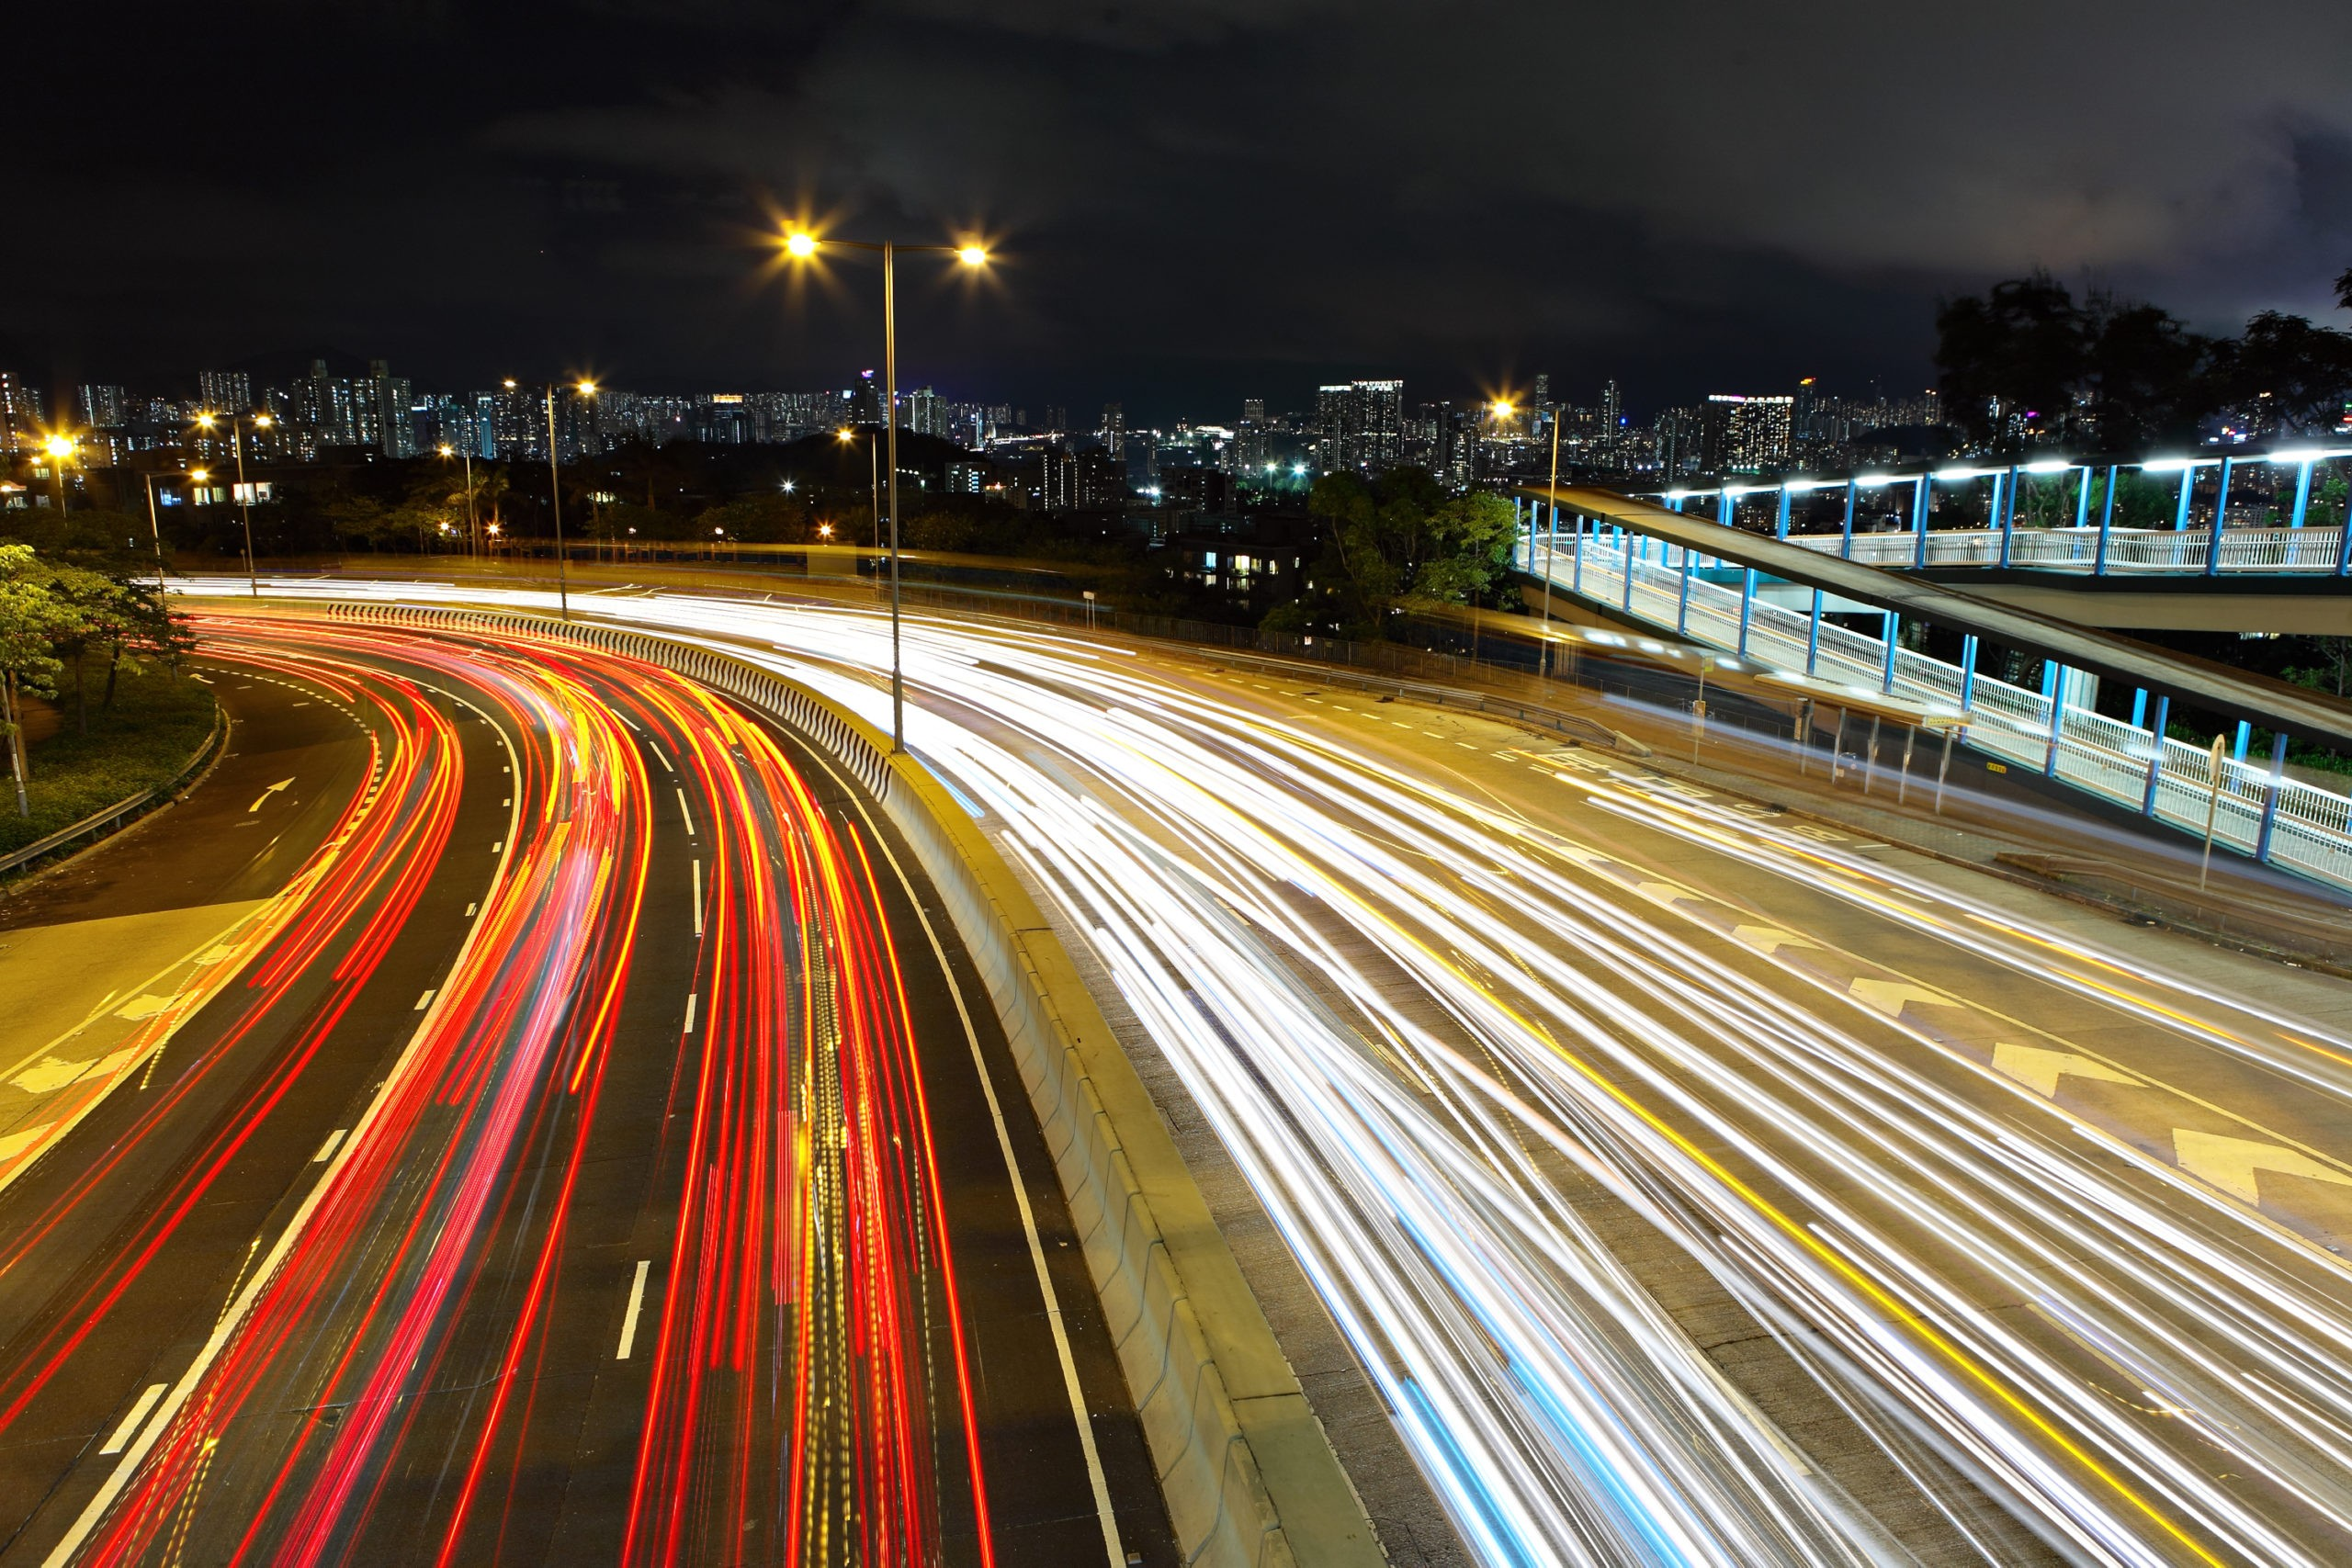 Oui, rouler à 110 km/h plutôt que 130 pourrait vraiment limiter notre impact sur le climat - Curieux!